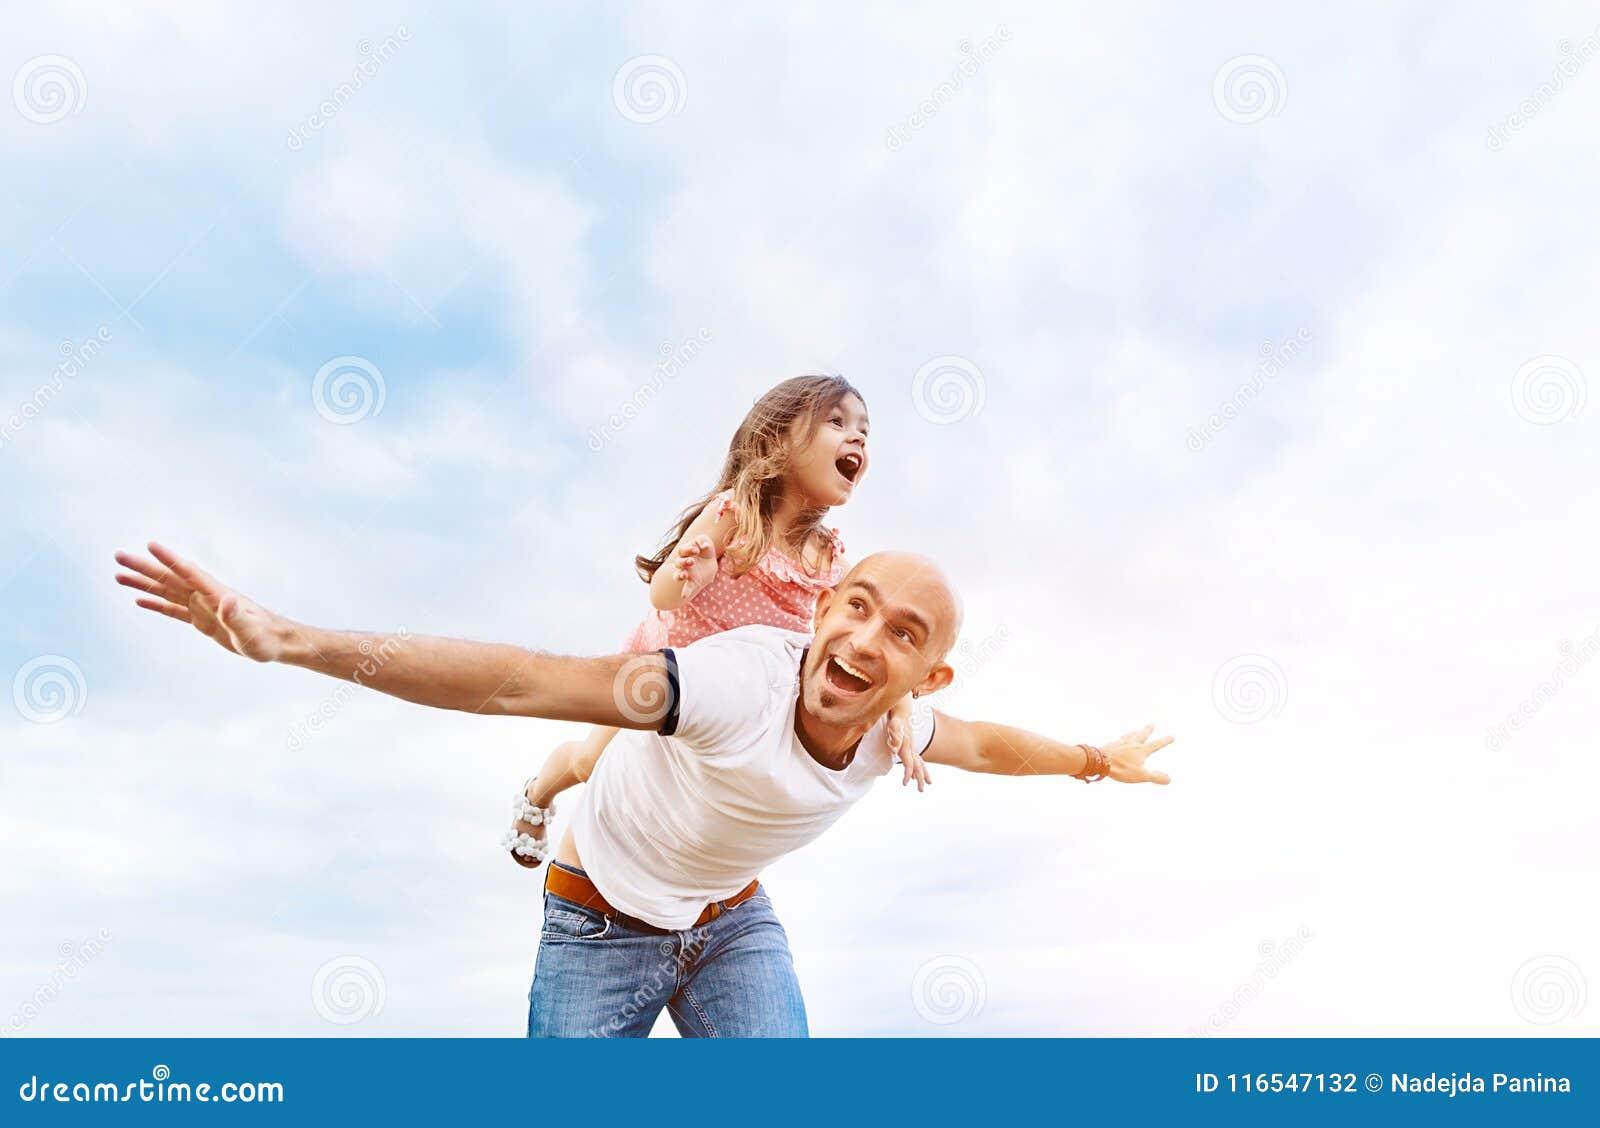 Fathrer и милая дочь играя как самолет